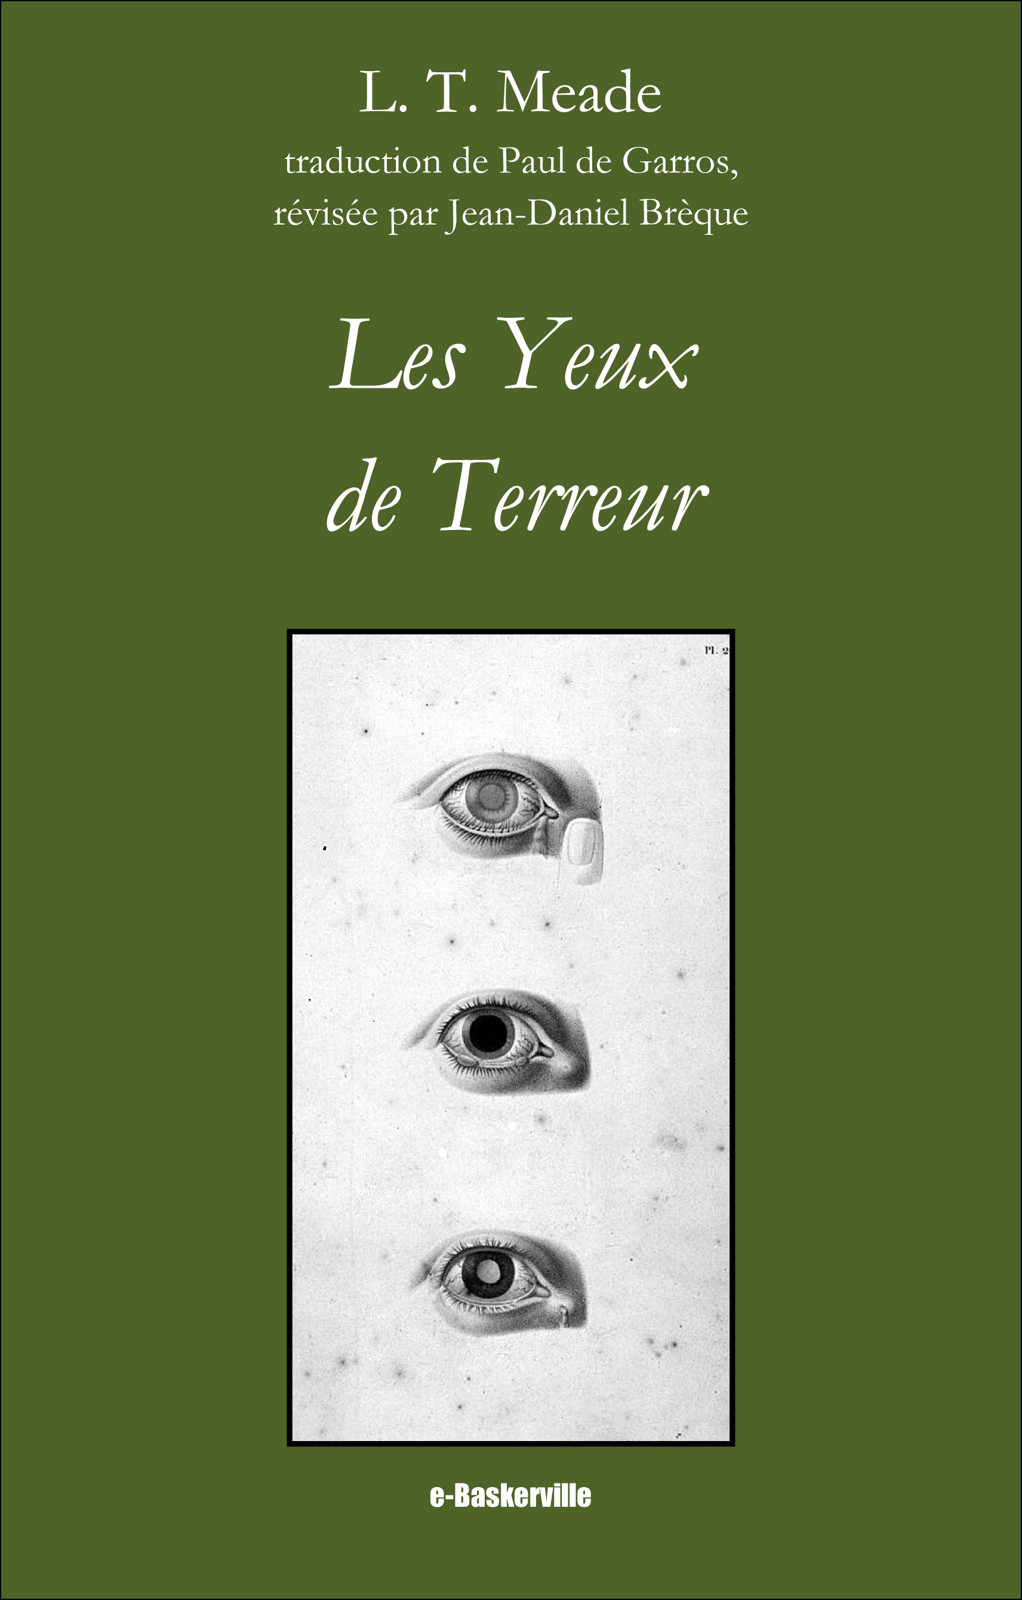 Les yeux de terreur